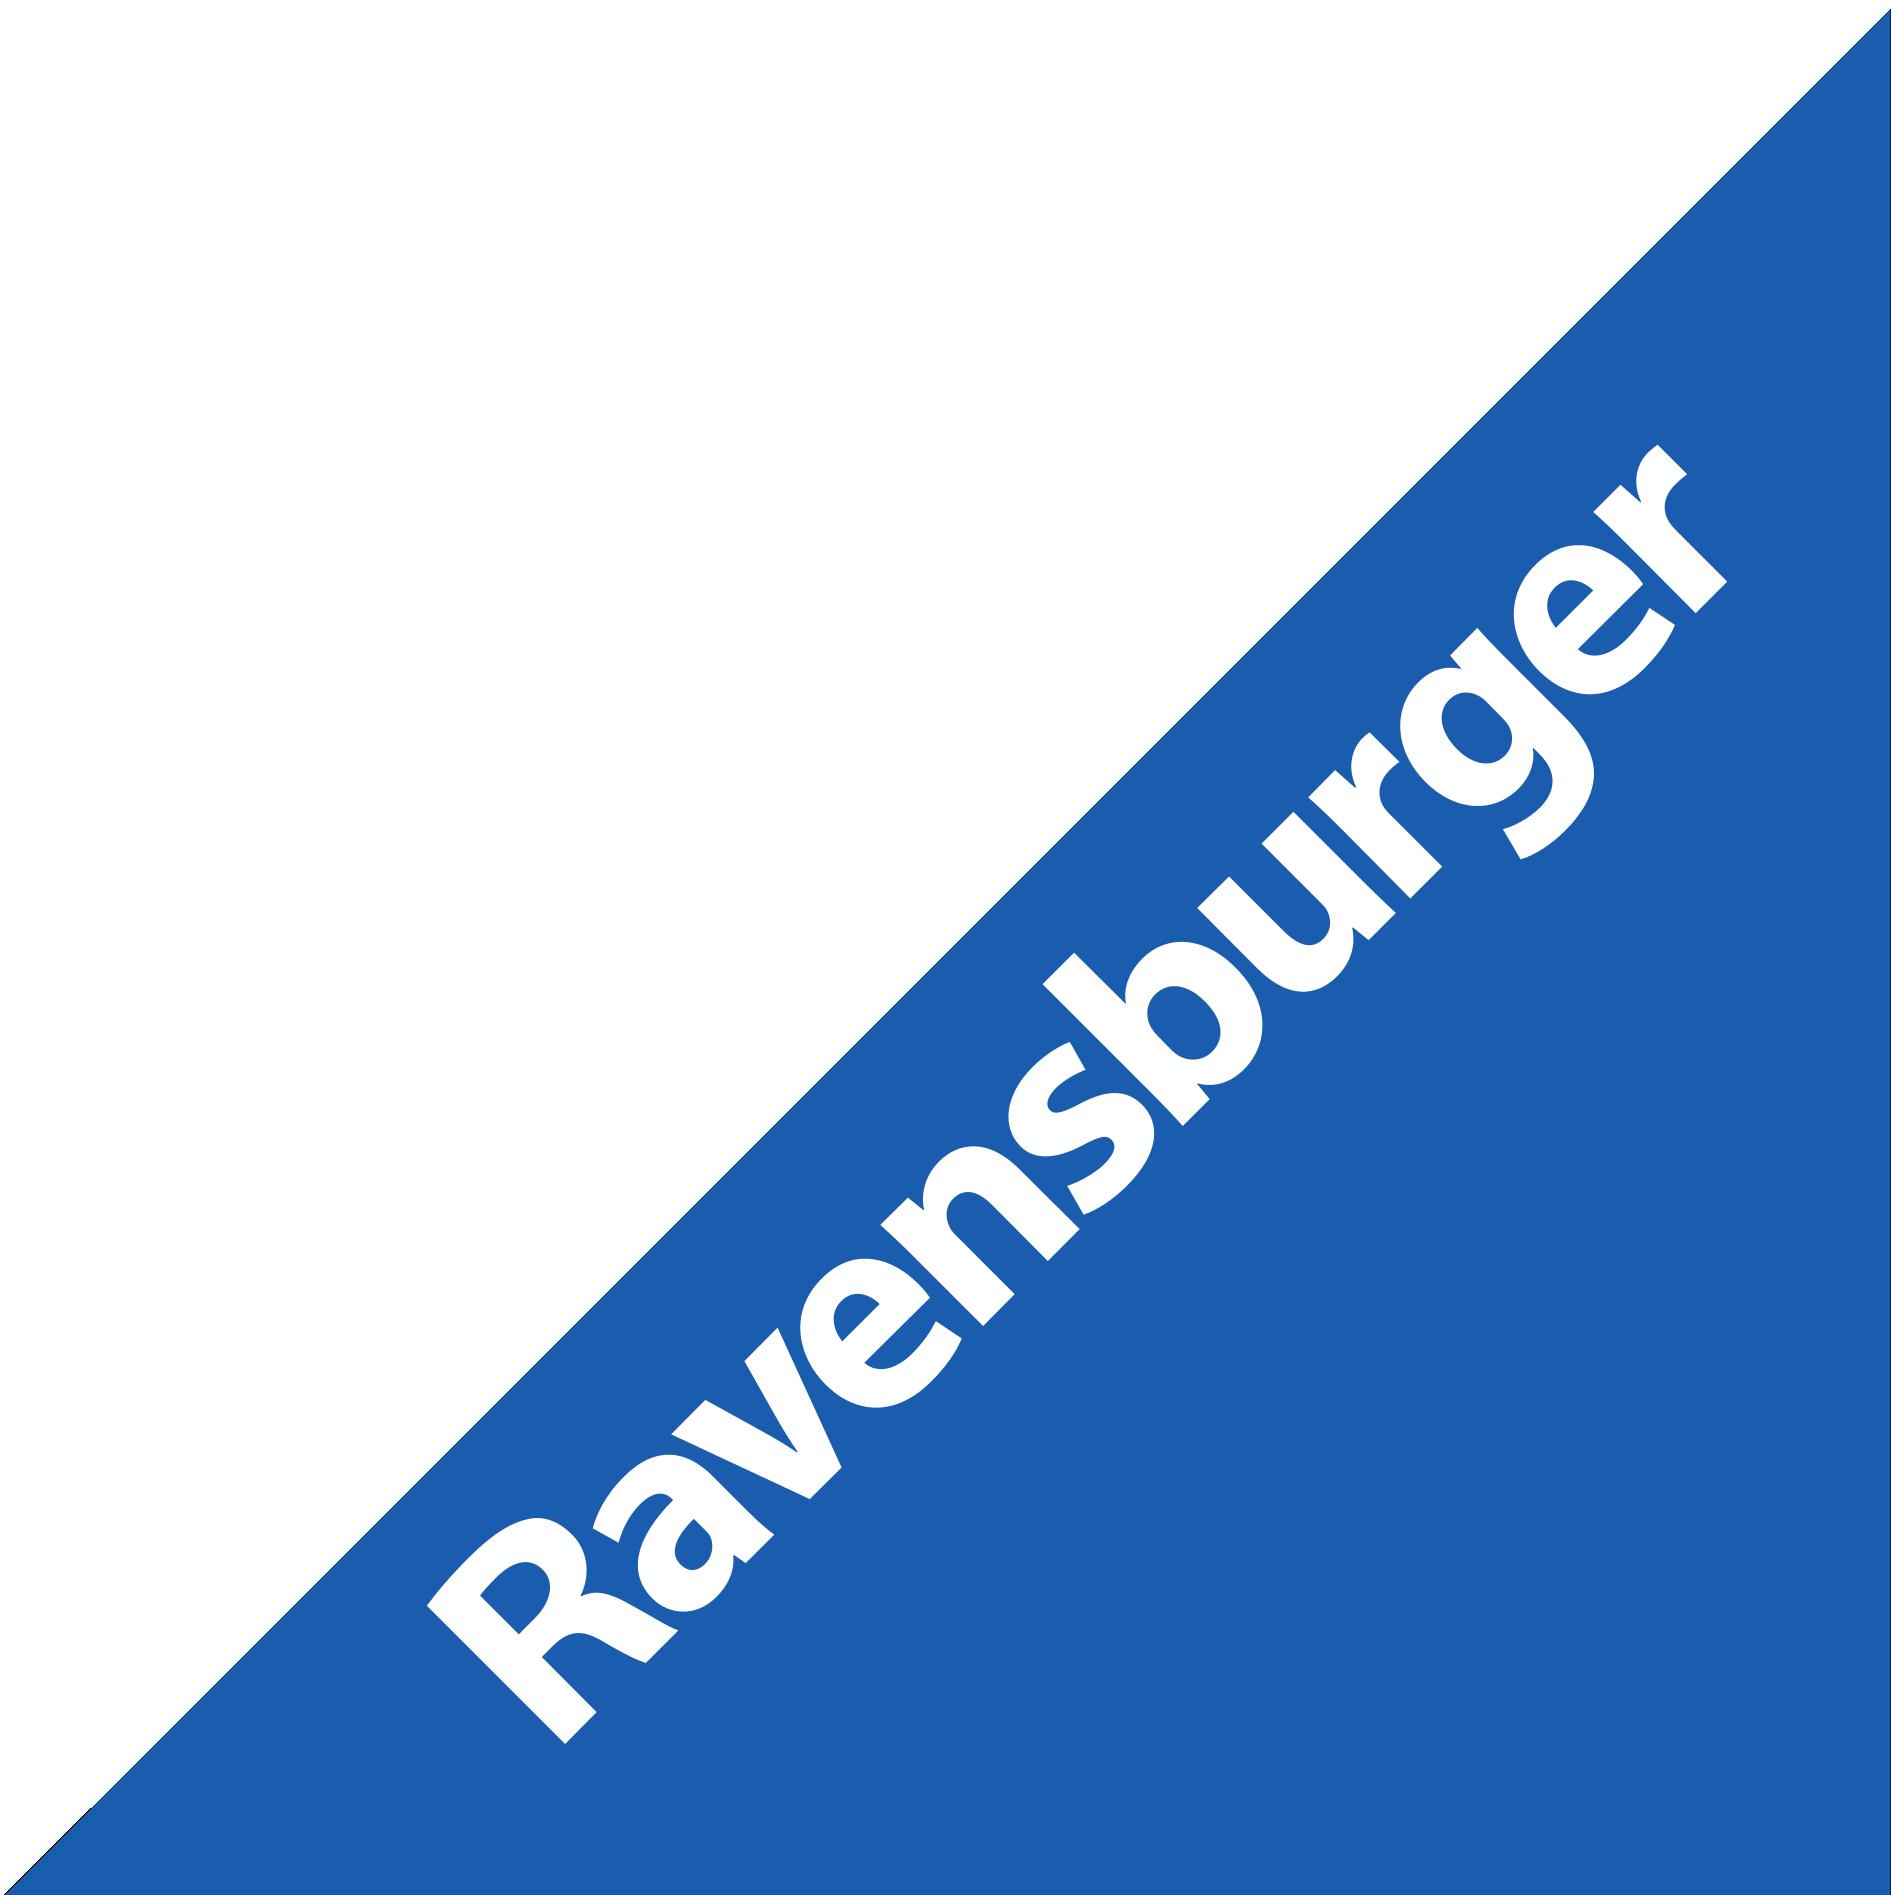 File:RavensburgerLogo.png